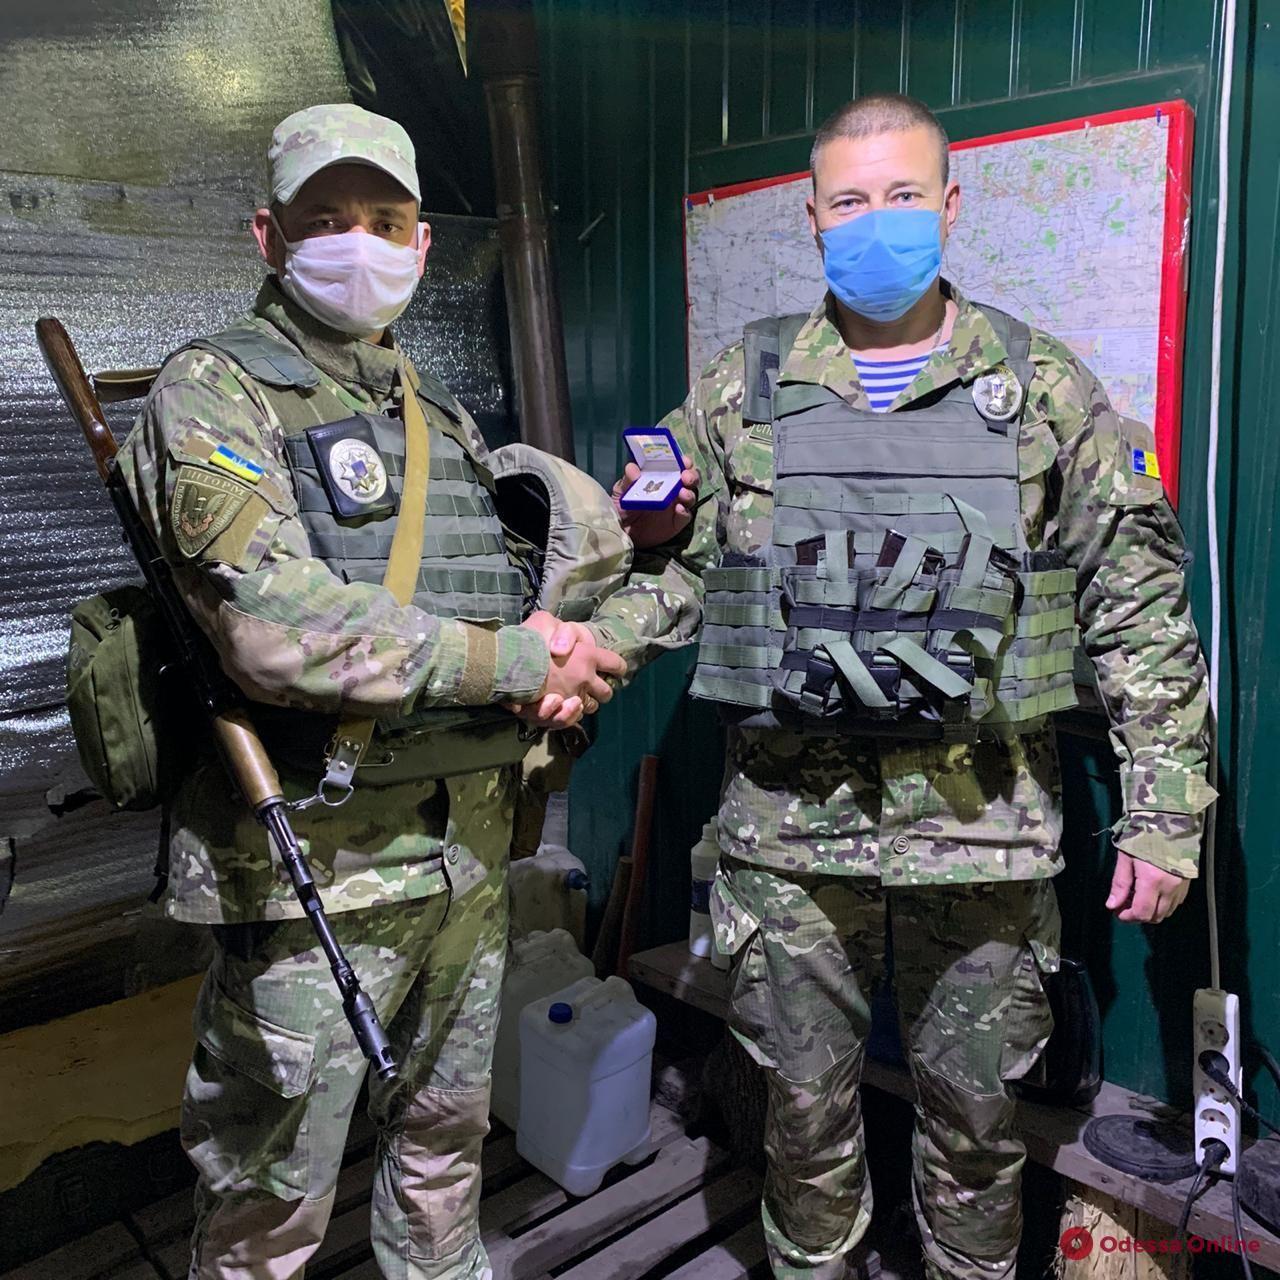 Одесским спецназовцам вручили награды по случаю шестого дня рождения батальона «Шторм» (фото)